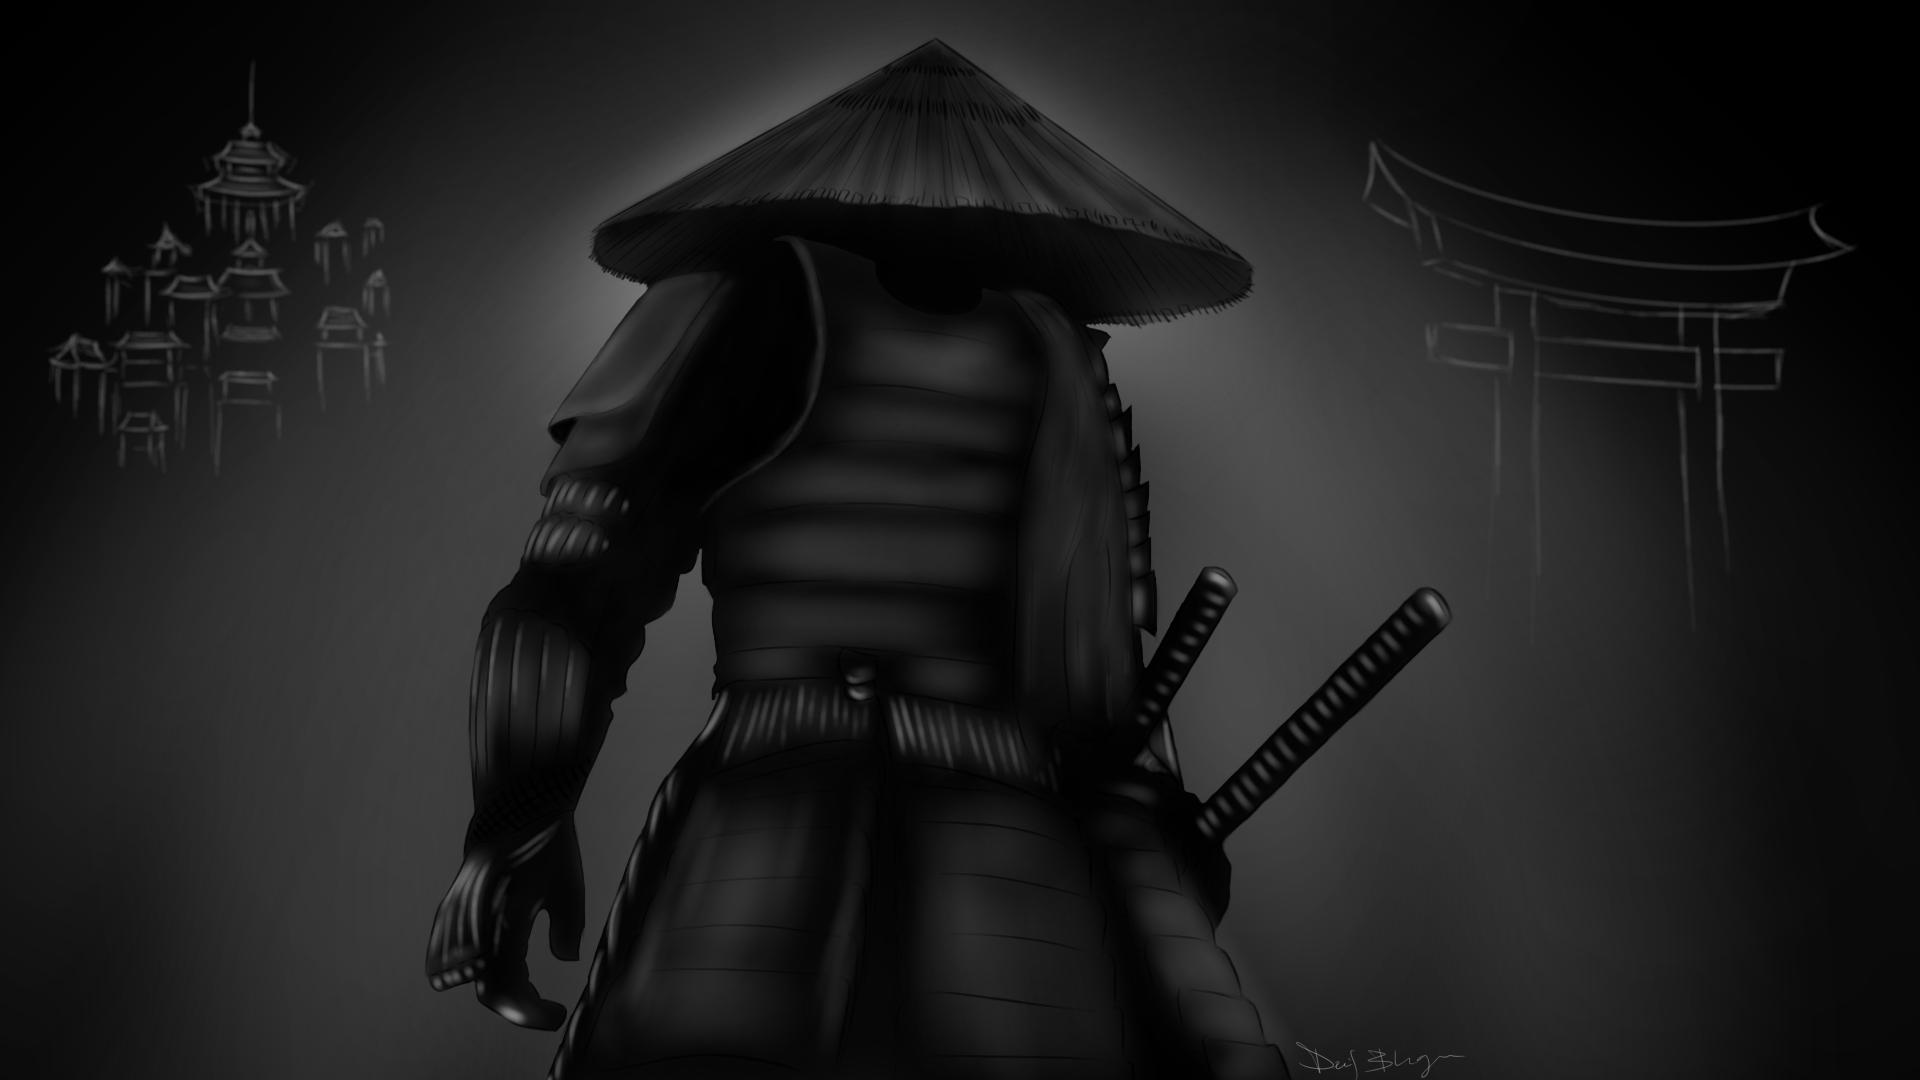 Sucker Punch Samurai Wallpaper